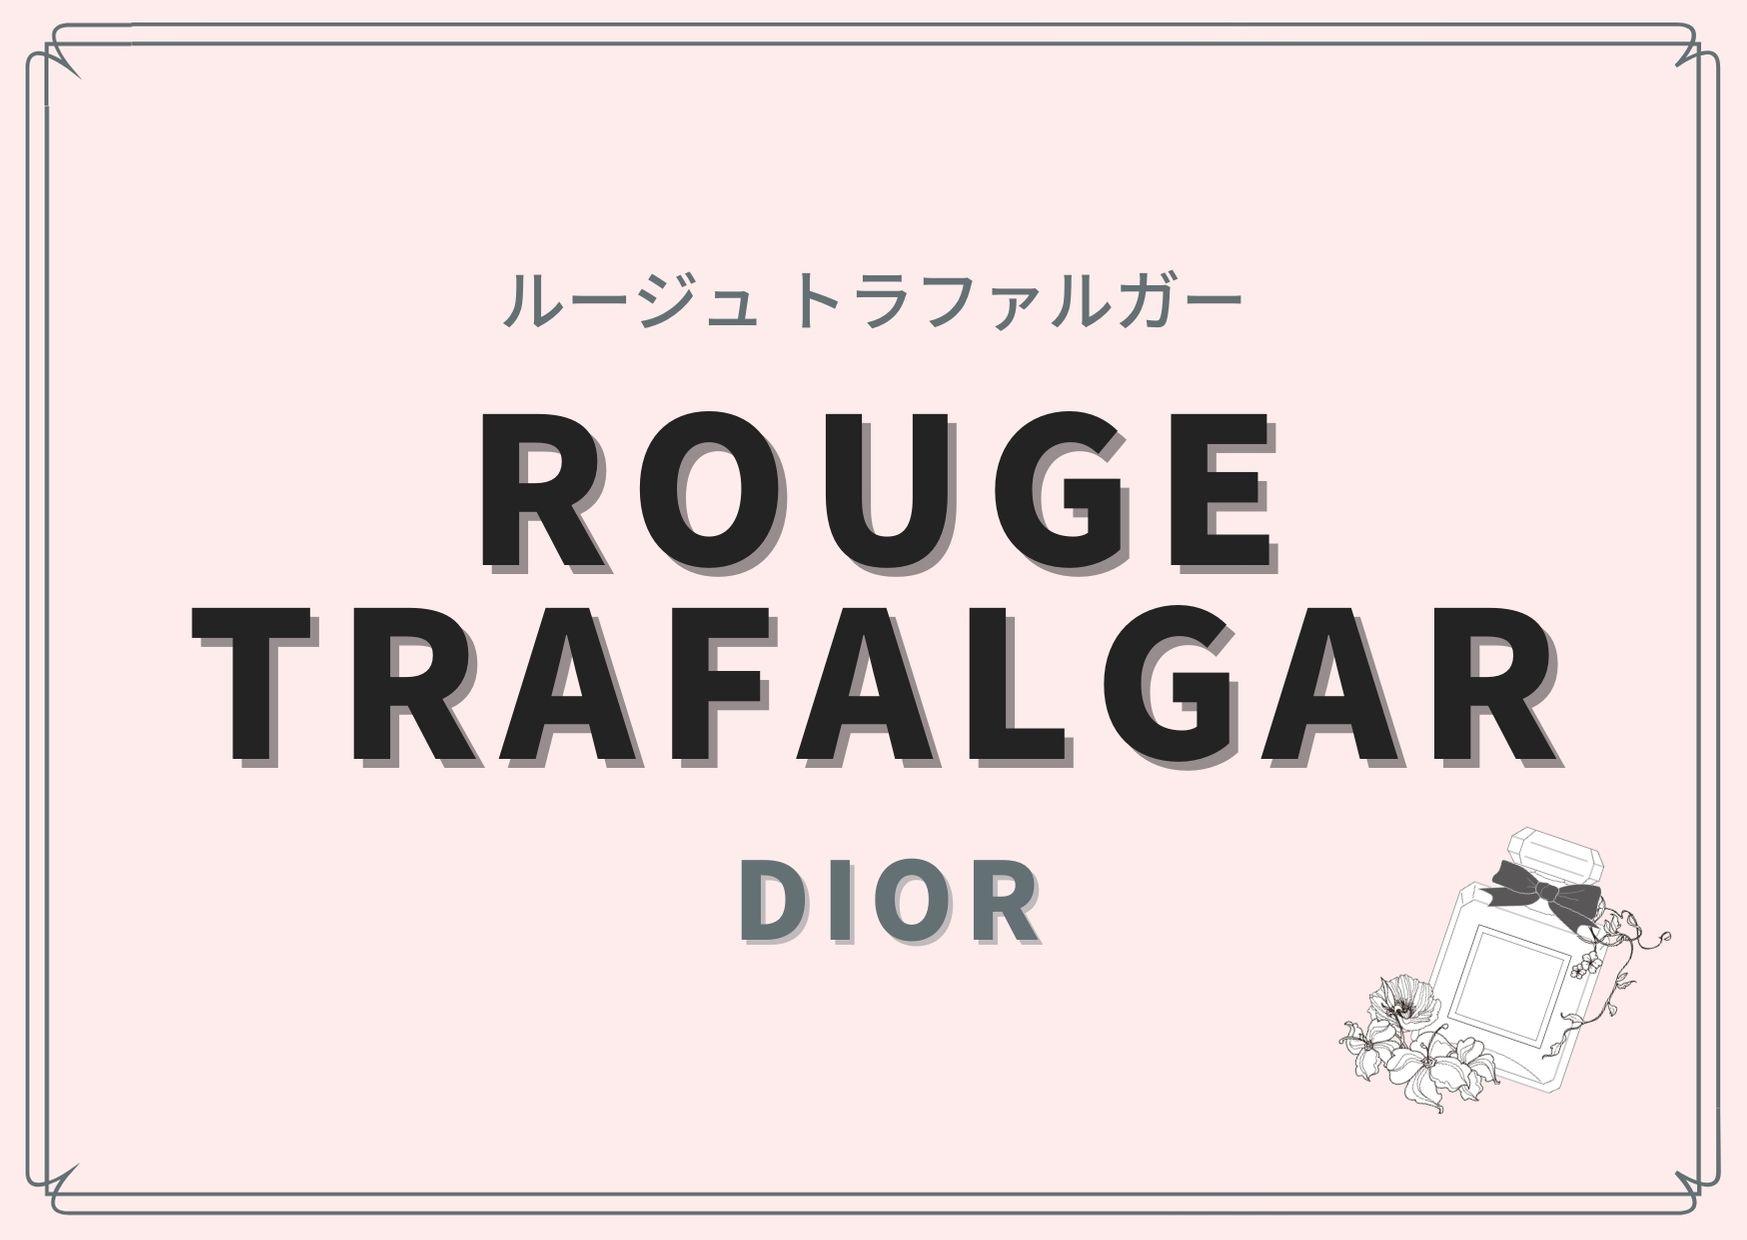 ROUGE TRAFALGAR(ルージュ トラファルガー)/DIOR(ディオール)